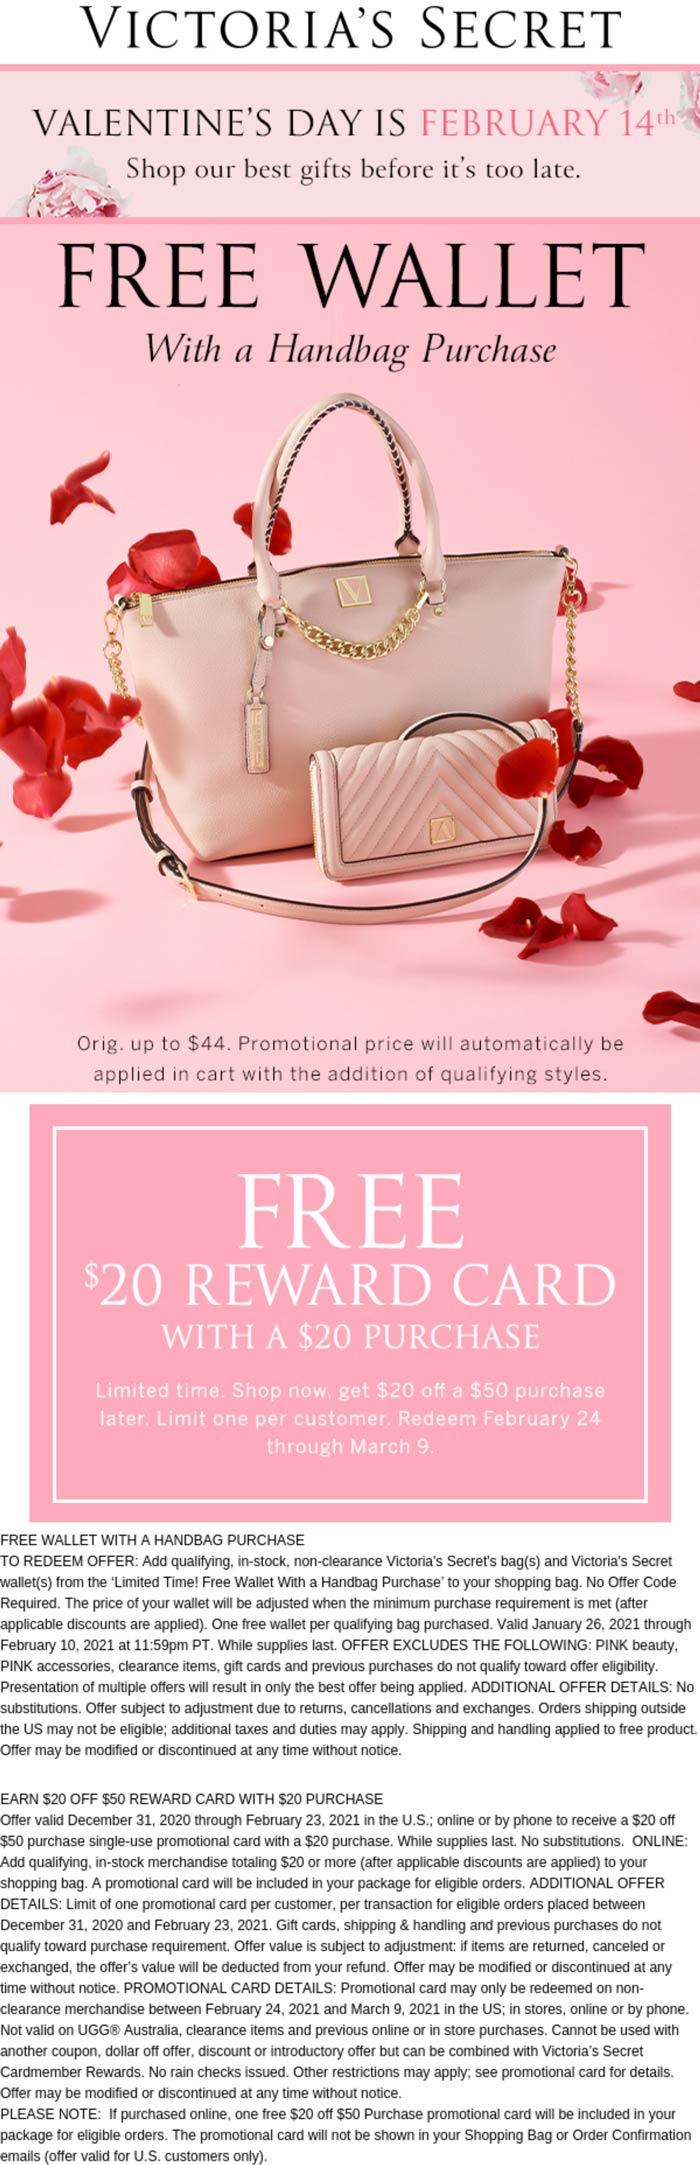 Victorias Secret stores Coupon  Free wallet with your handbag & more online at Victorias Secret #victoriassecret